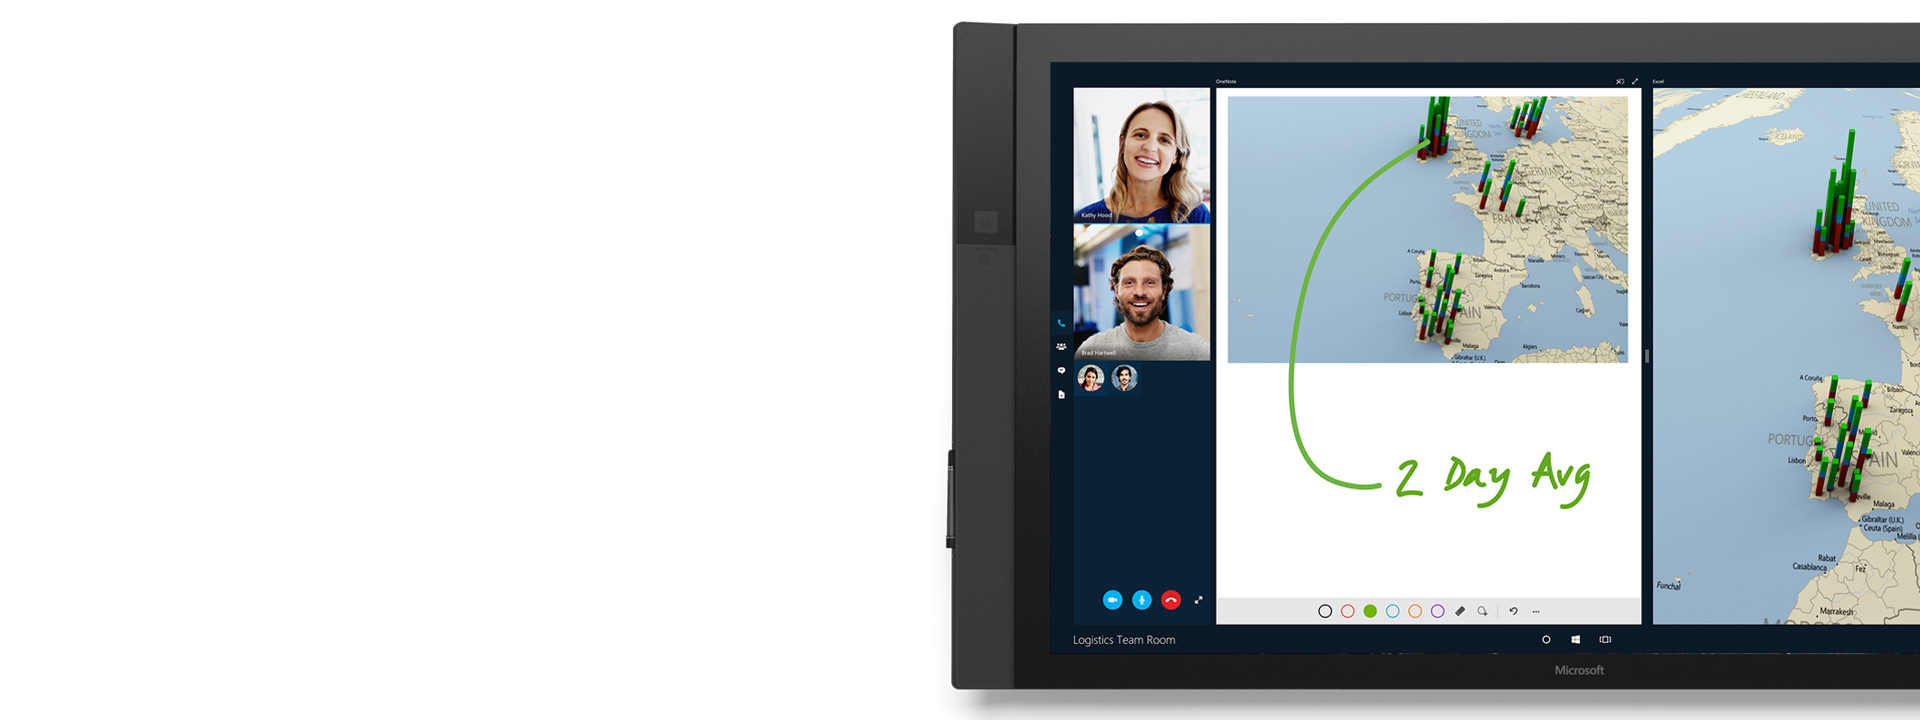 O Skype para Empresas em utilização no Surface Hub.